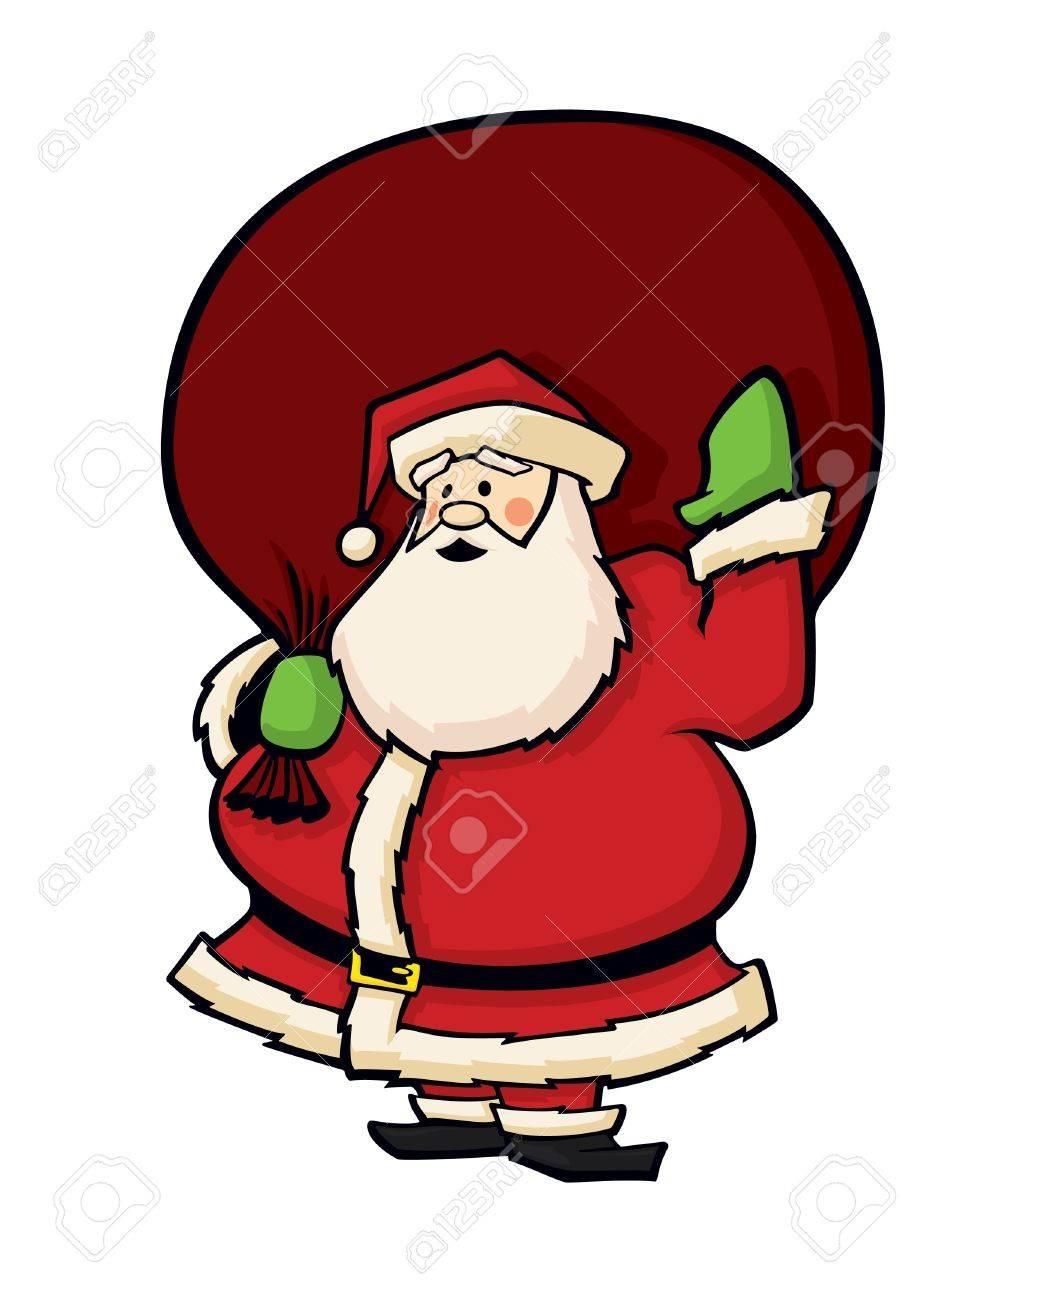 Santa Claus Cartoon Vector Stock Vector - 11995731